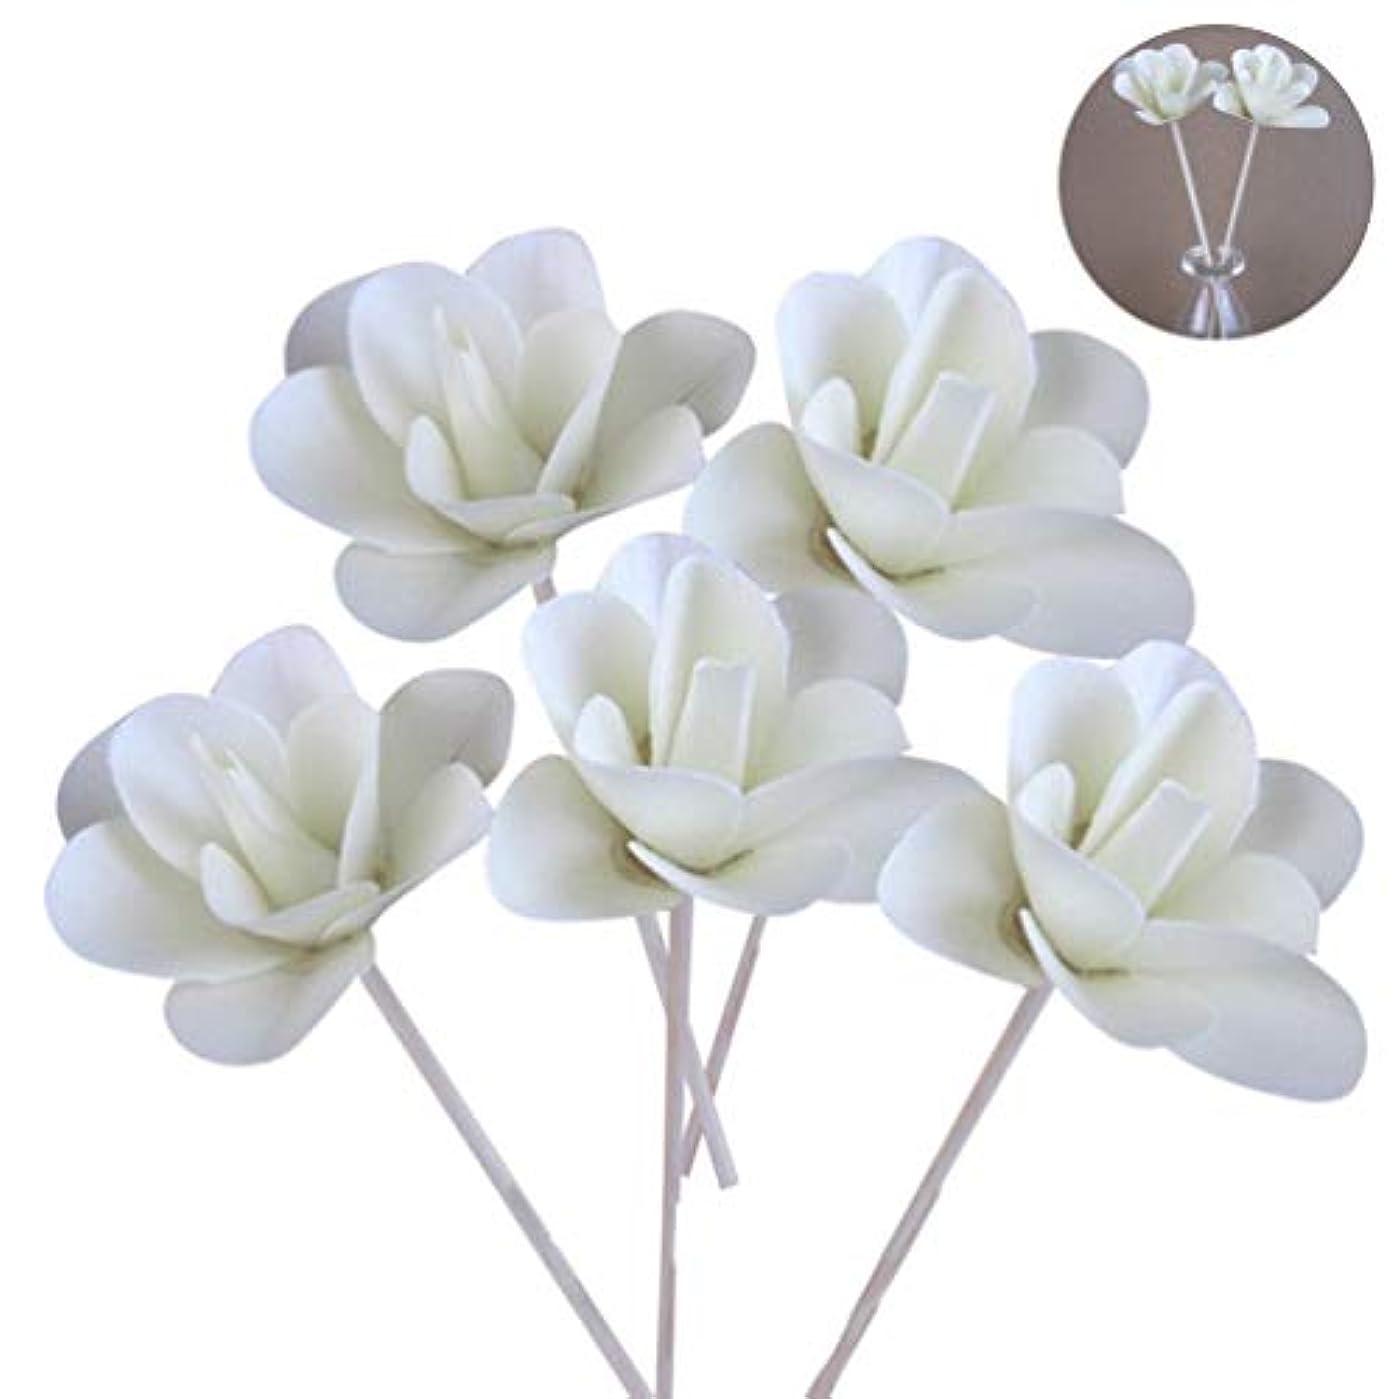 米ドルすべきアレルギー性(ライチ) Lychee 5本入り ラタンスティック 花 リードディフューザー用 リフィル 高品質 かわいい クラフト ホワイト